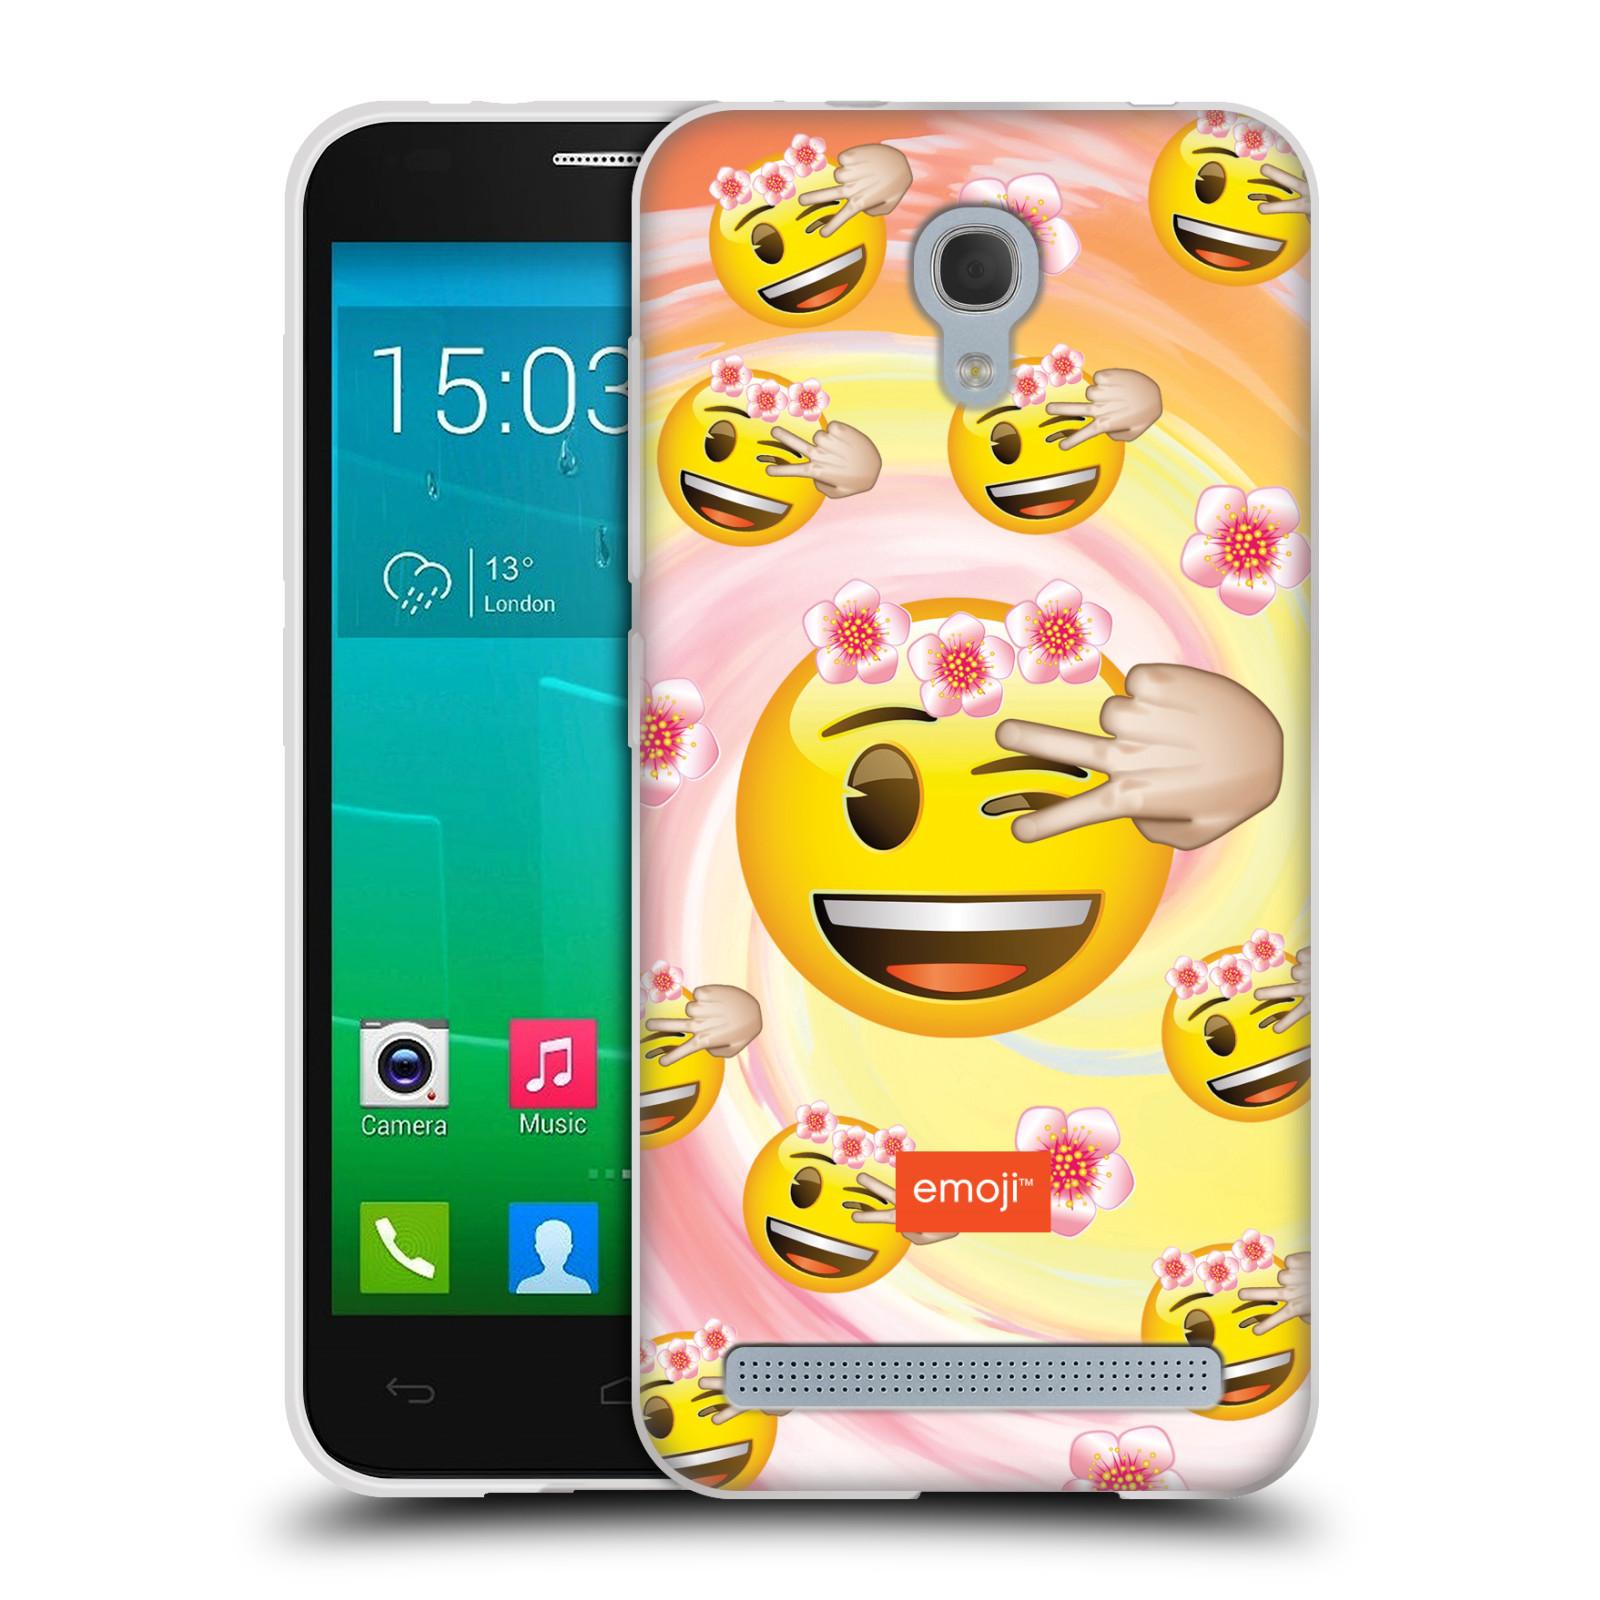 Silikonové pouzdro na mobil Alcatel One Touch Idol 2 Mini S 6036Y HEAD CASE EMOJI - Mrkající smajlíci a kytičky (Silikonový kryt či obal s oficiálním motivem EMOJI na mobilní telefon Alcatel Idol 2 Mini S OT-6036Y)